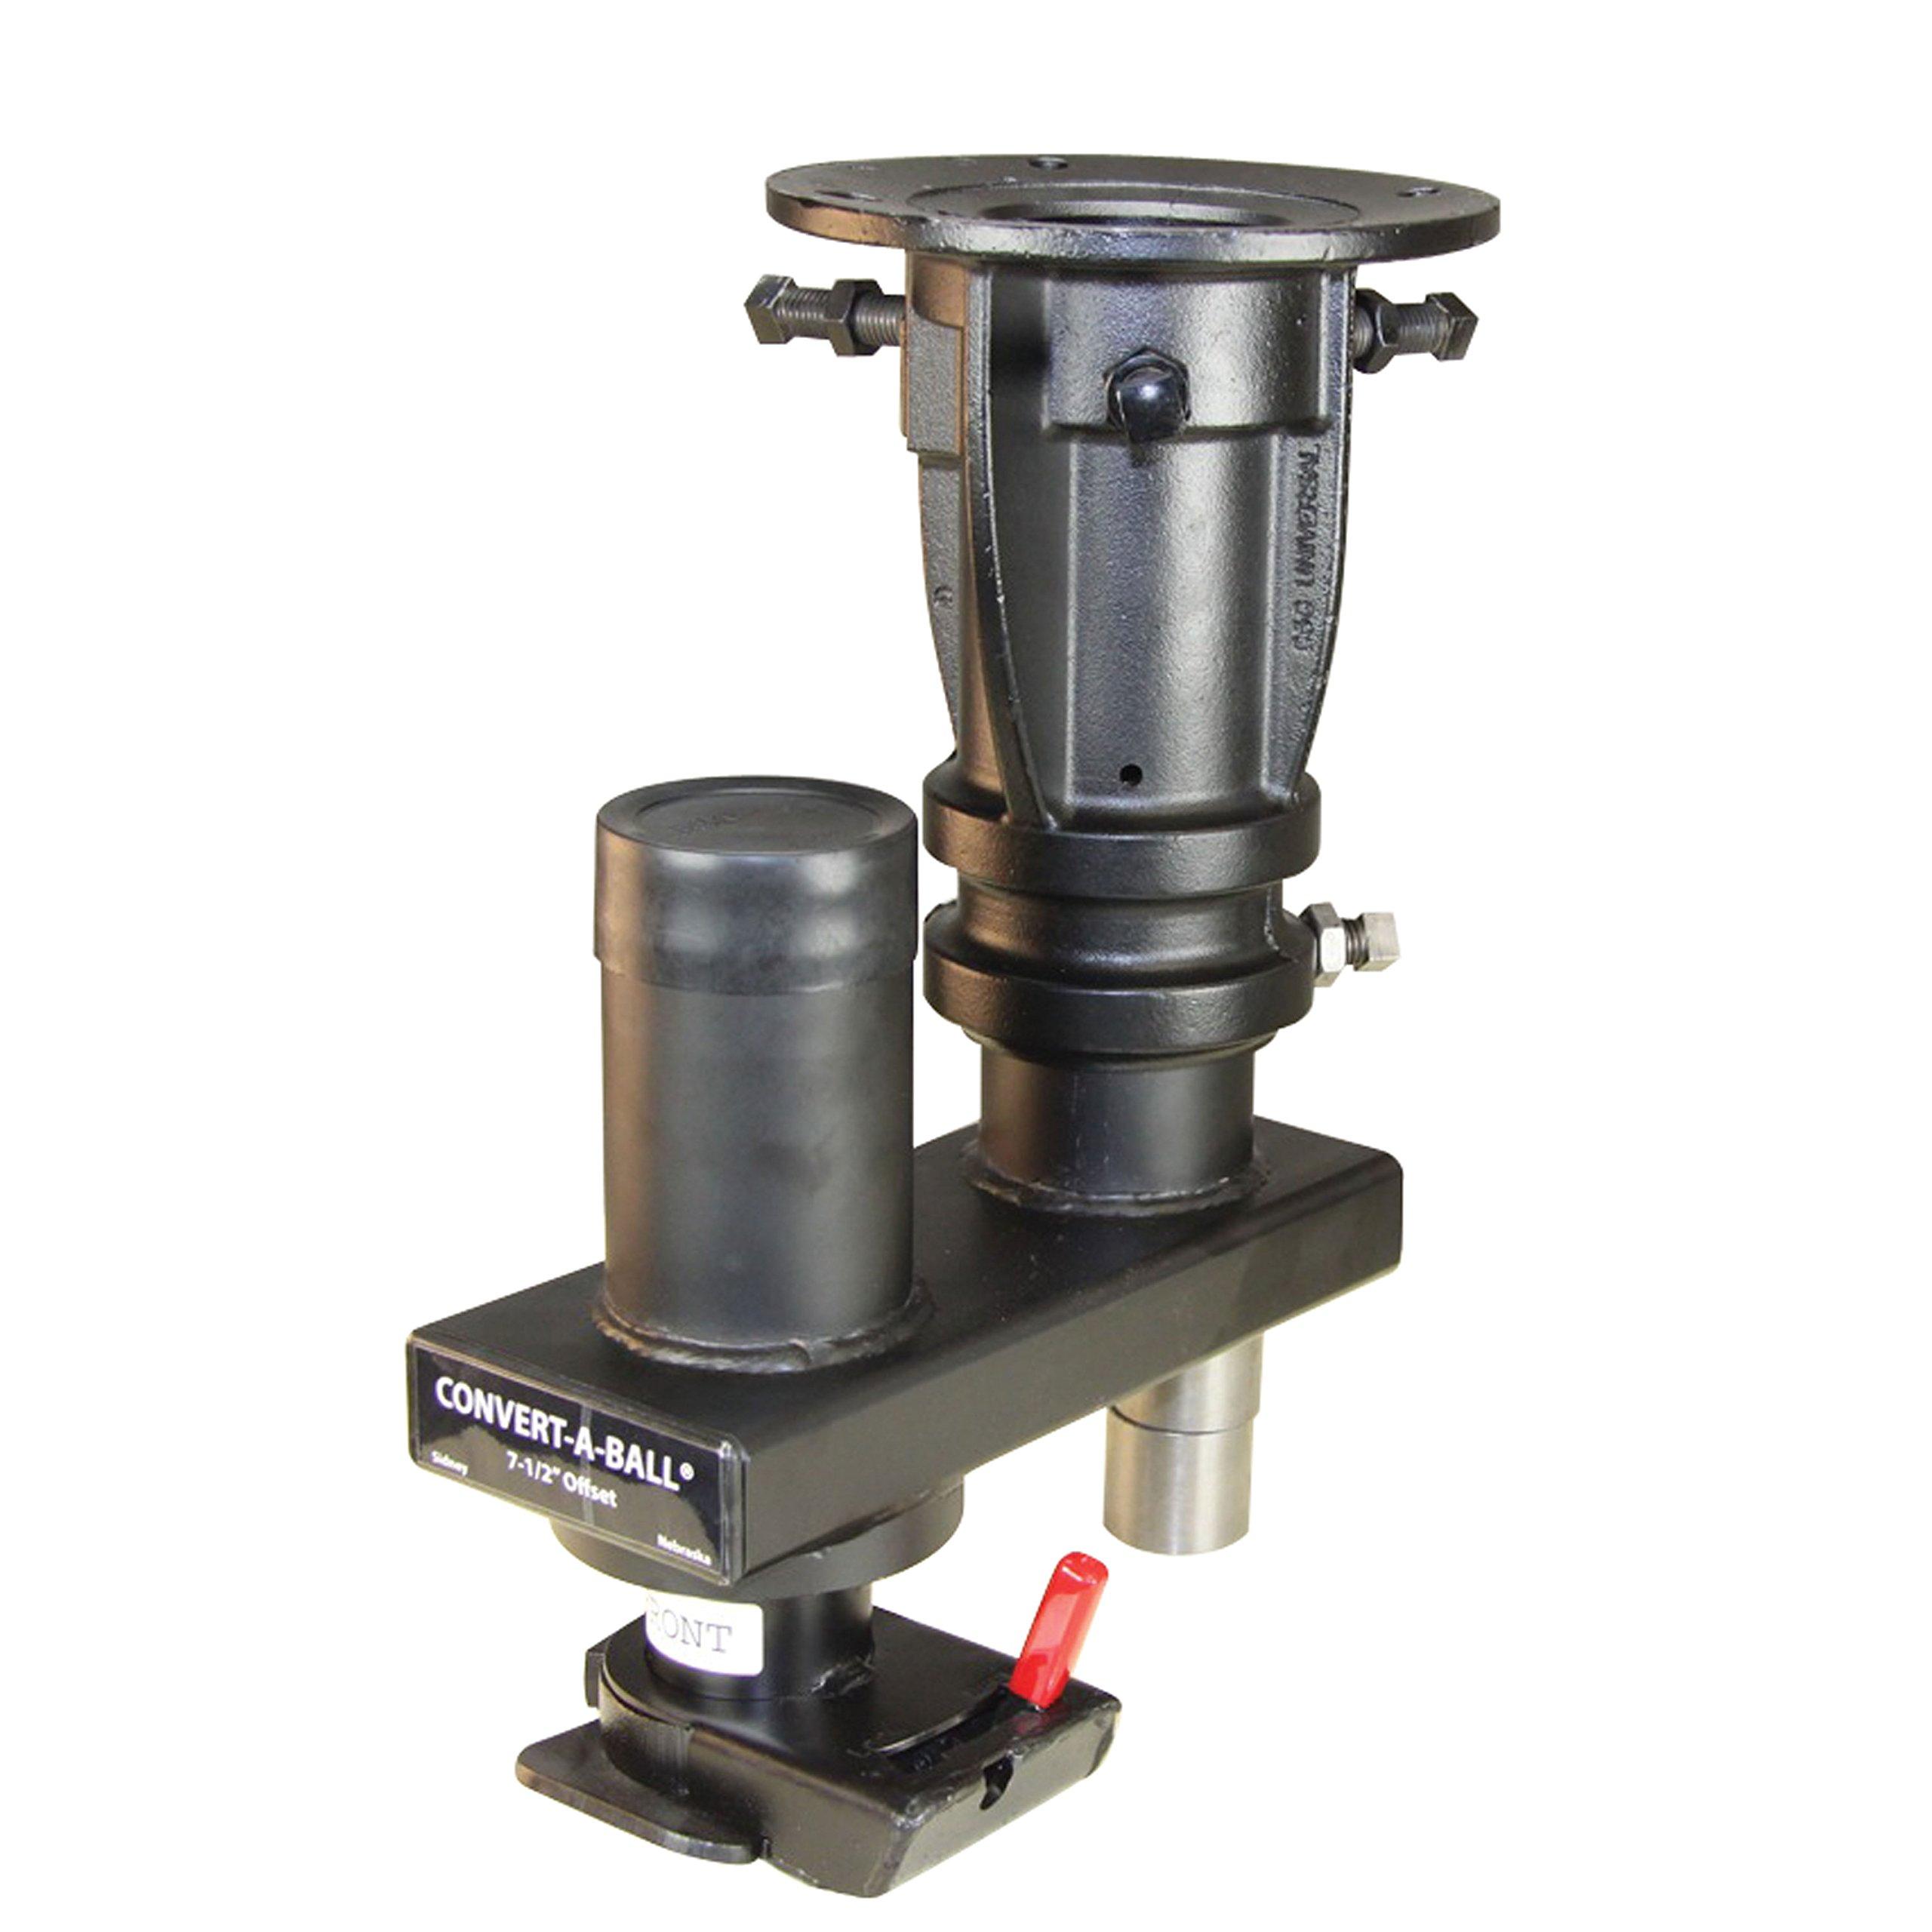 Convert-A-Ball C5GX1216 Adjustable 5th Wheel/Gooseneck Offset Adapter